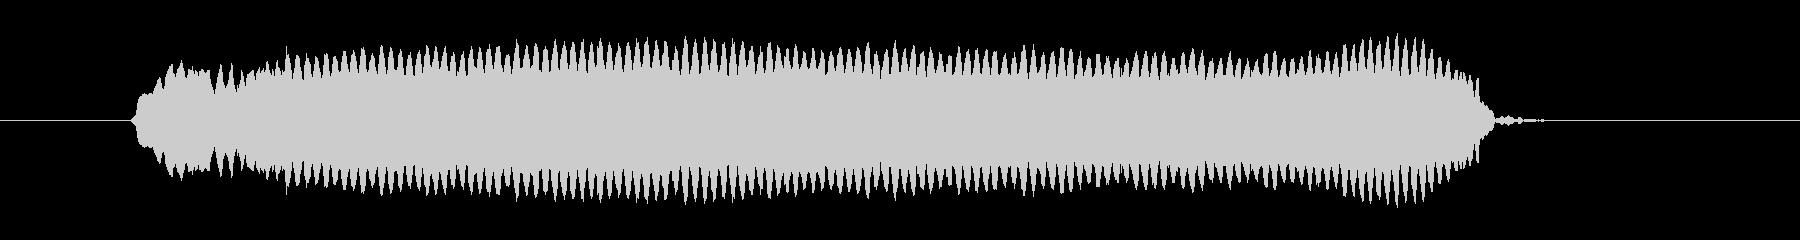 ピーッ!◆ホイッスル/競技、交通整理の笛の未再生の波形